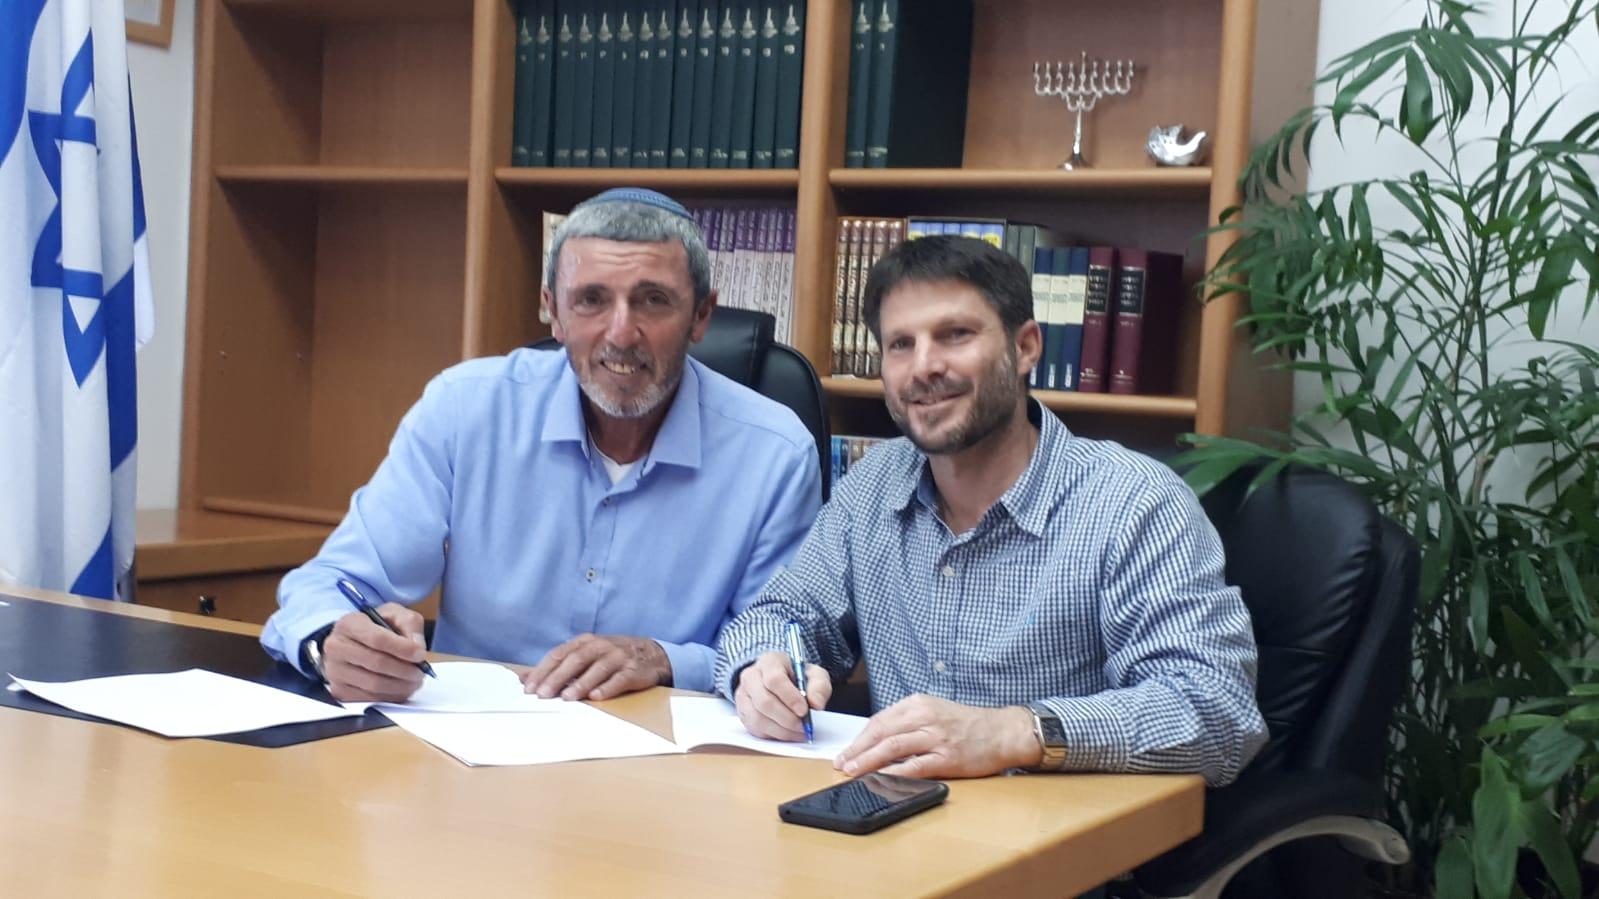 הרב רפי פרץ ובסמוטריץ' במעמד החתימה על הסכם האחדות